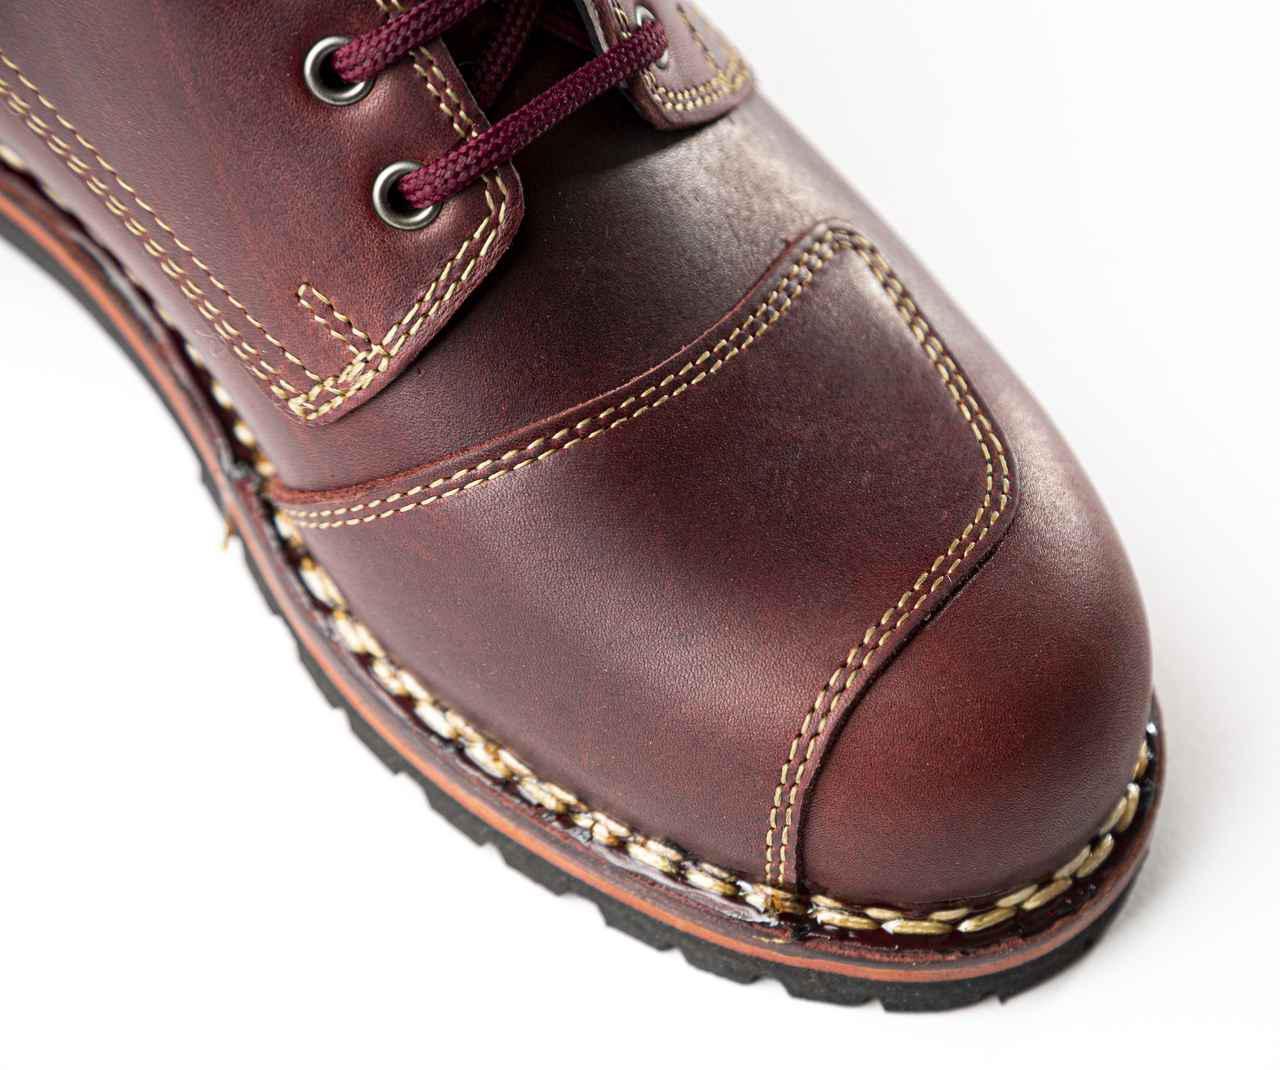 画像: 右足にはシフトアップ操作時にブーツを傷つけない「シフトガード」が装備されています。